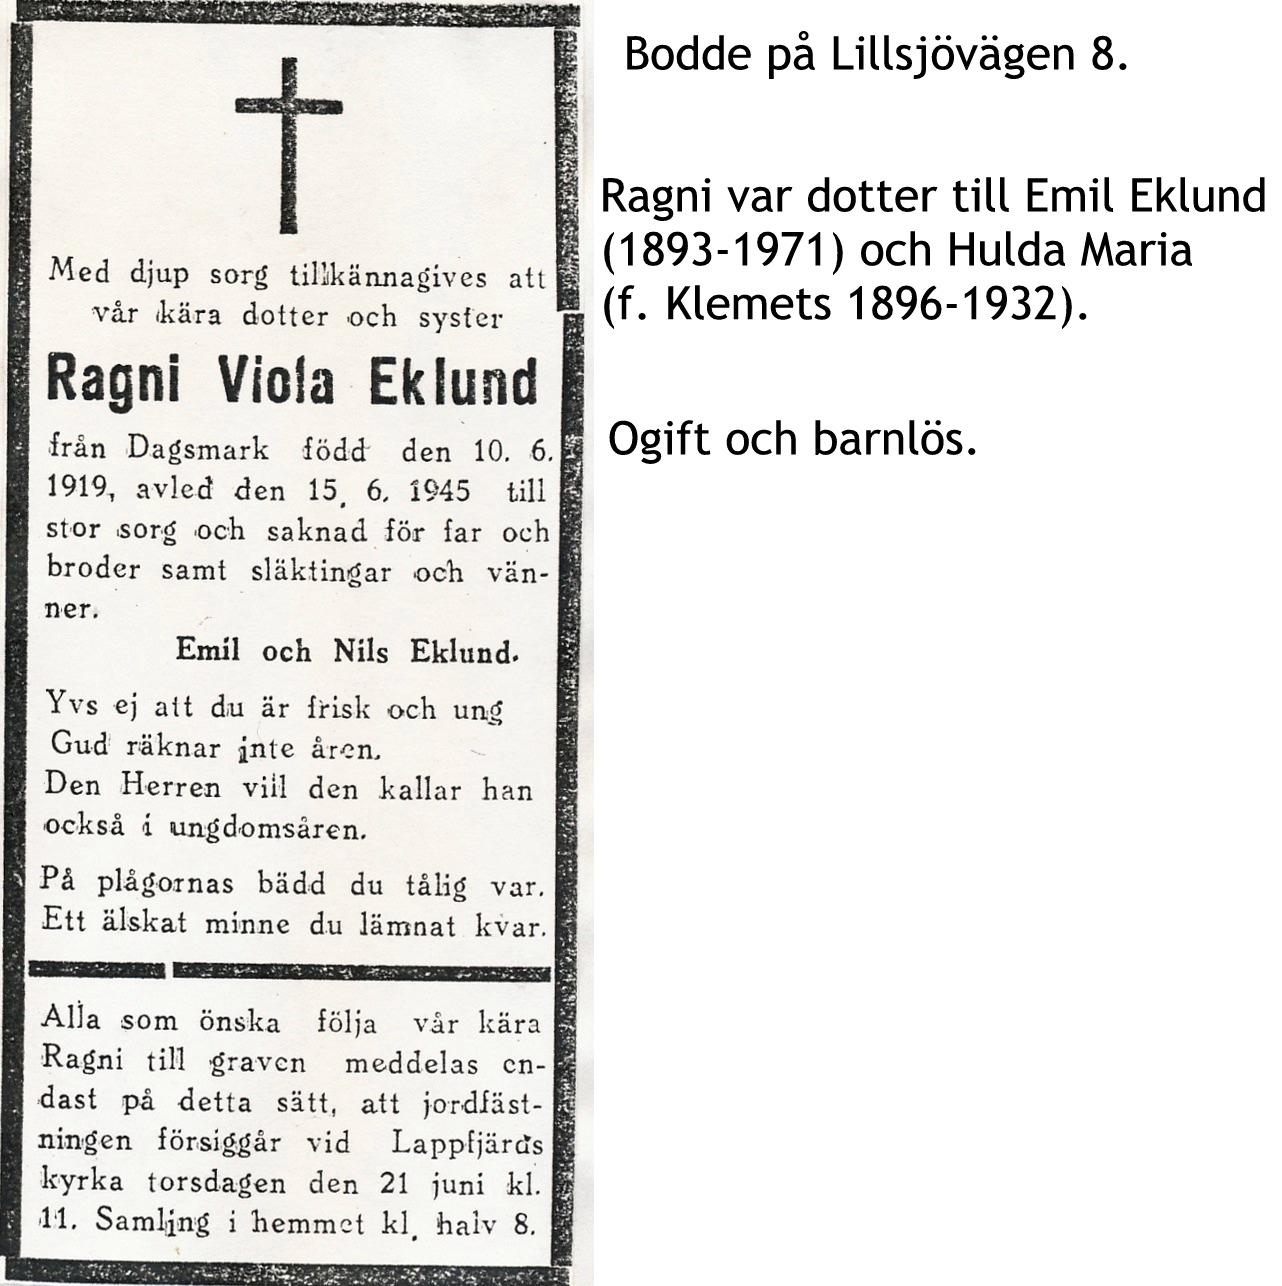 Eklund Ragni Viola